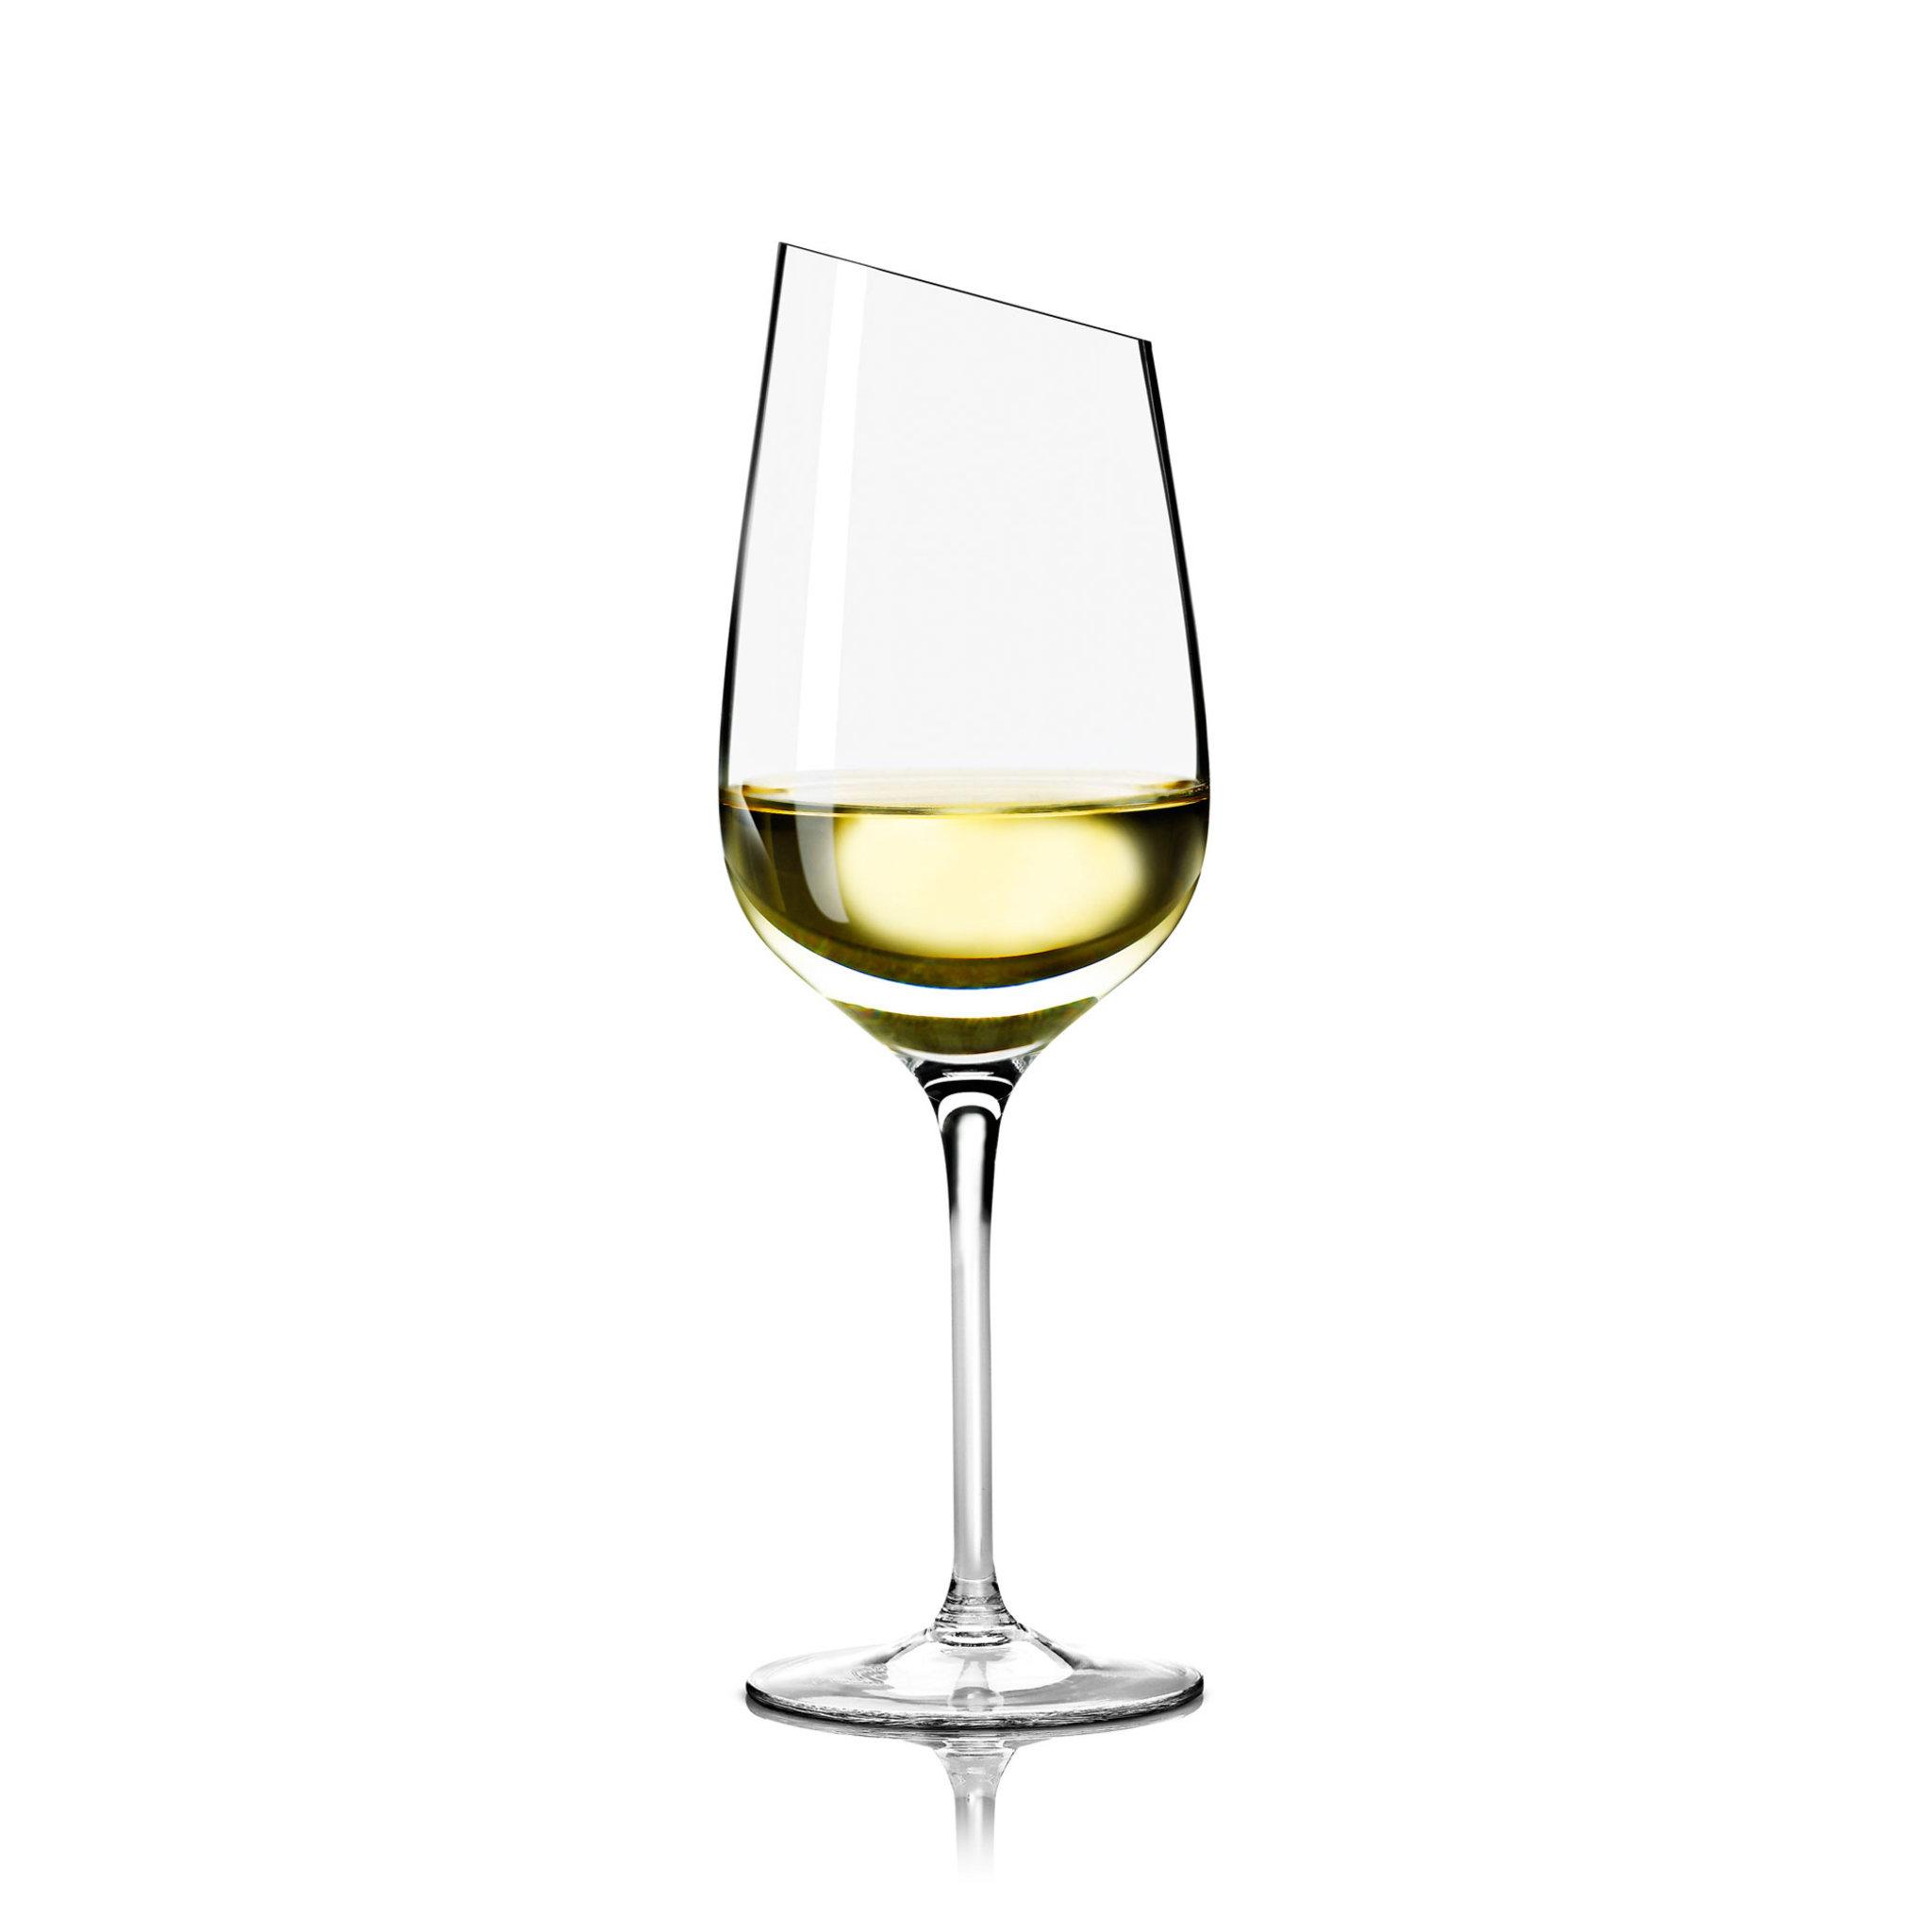 Alvorlig Vinglas Riesling - Glas - Köp online på åhlens.se! FA-88